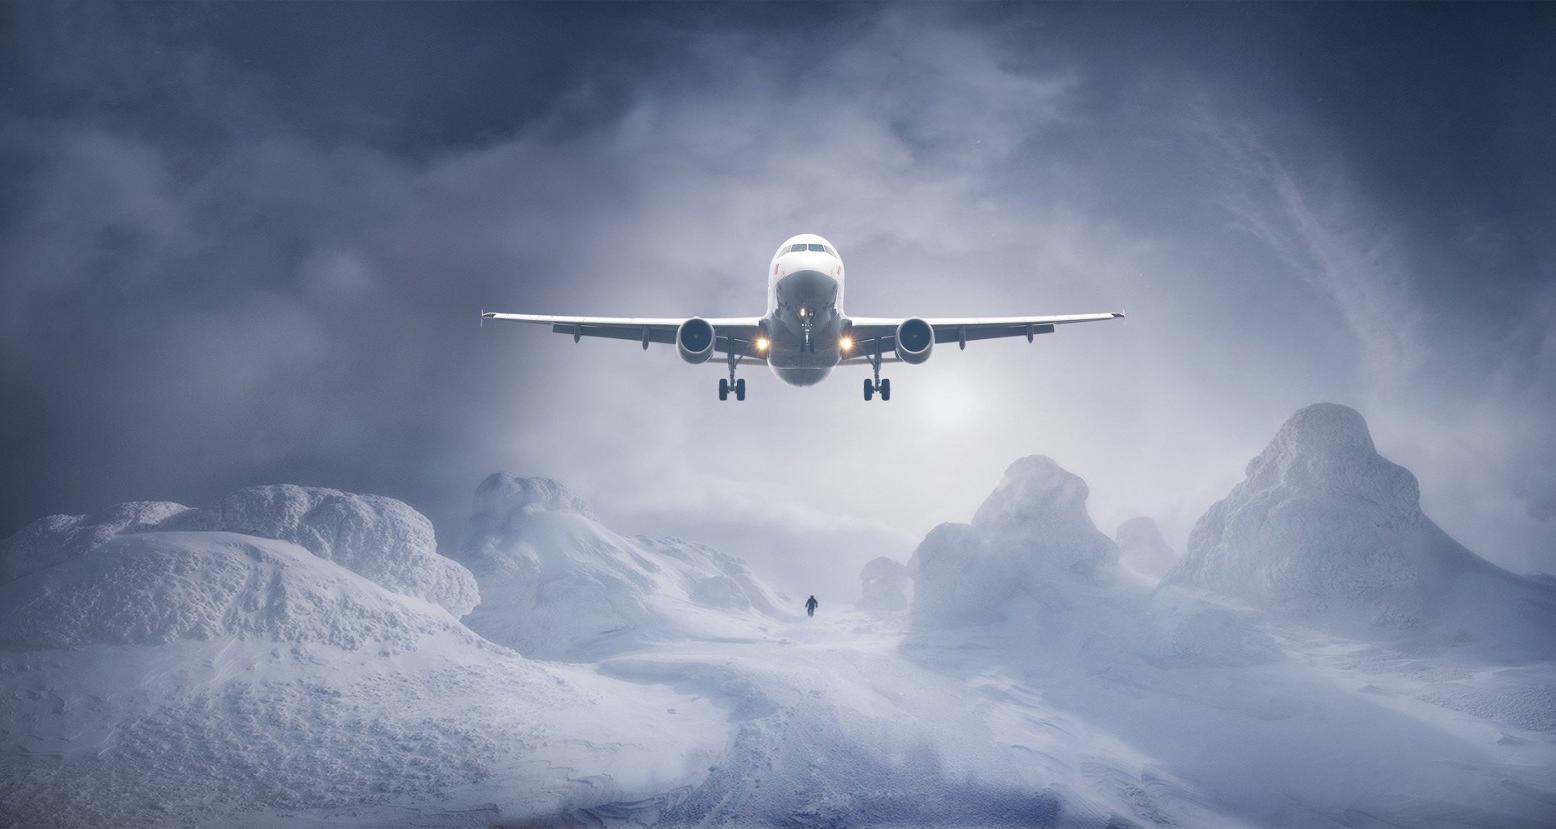 空客有望7年来首次取代波音成为全球最大的飞机